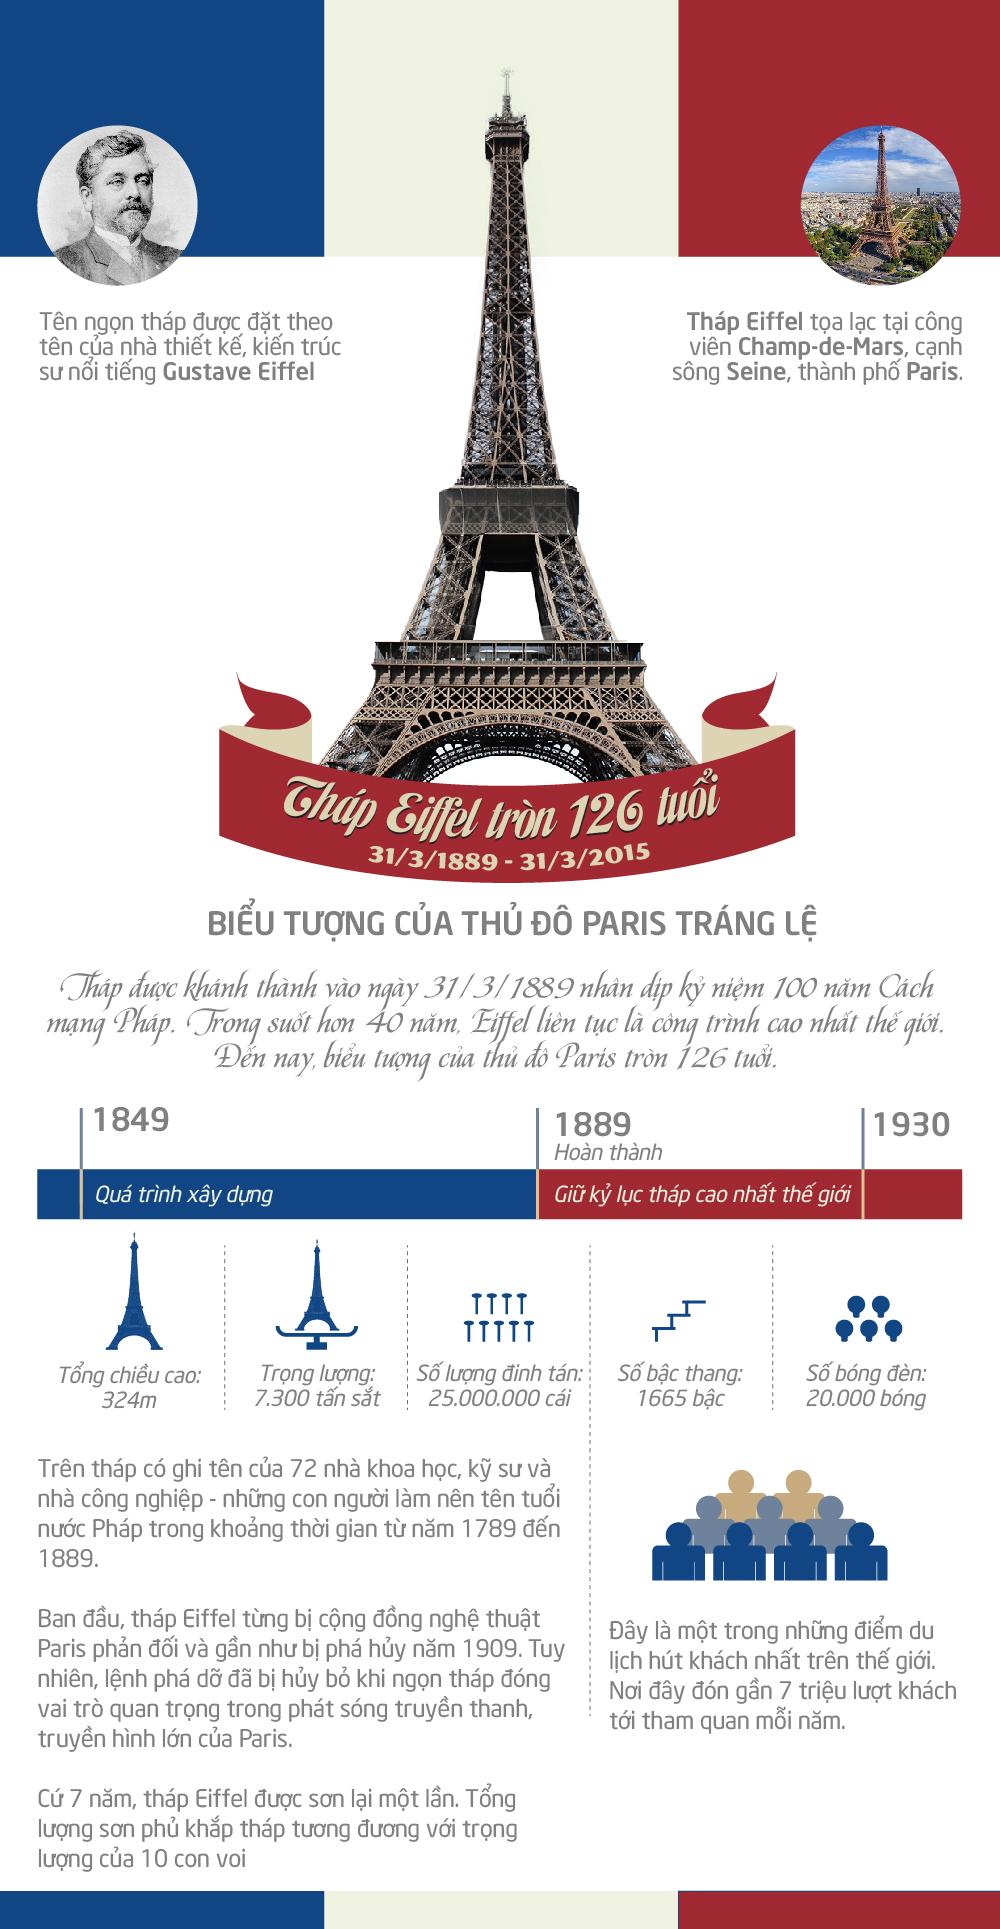 [Infographic] Tháp Eiffel tròn 126 tuổi: Những sự thực ít biết